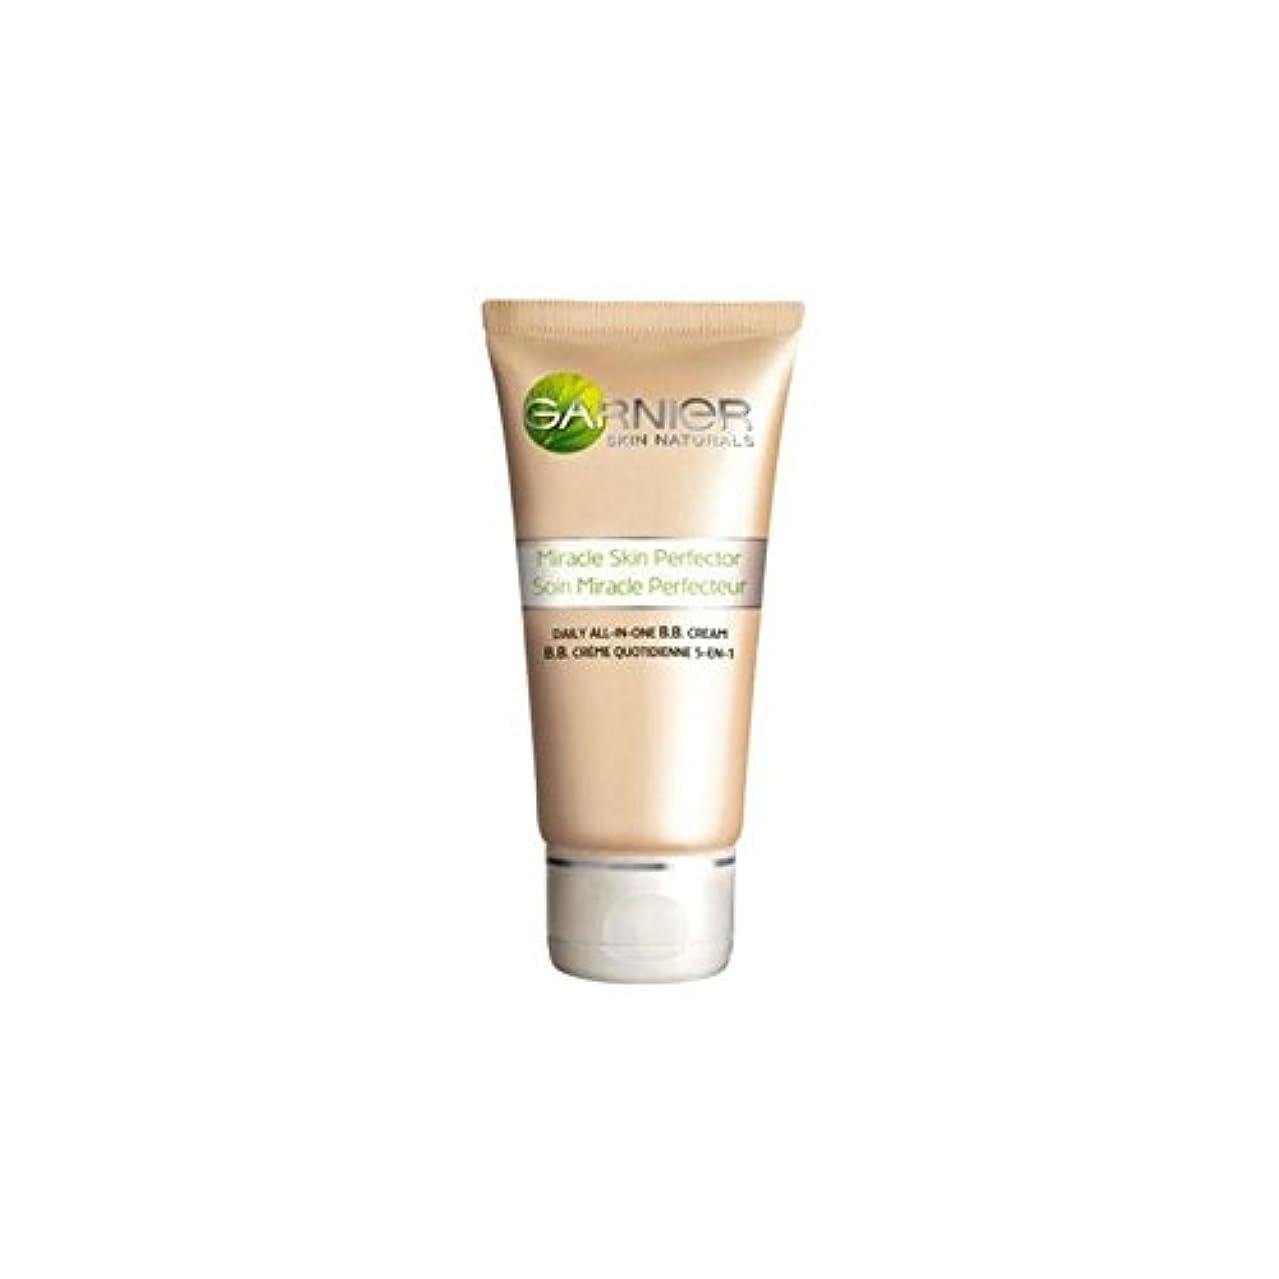 シャーロックホームズ天窓業界Garnier Original Medium Bb Cream (50ml) - ガルニエオリジナル媒体クリーム(50)中 [並行輸入品]